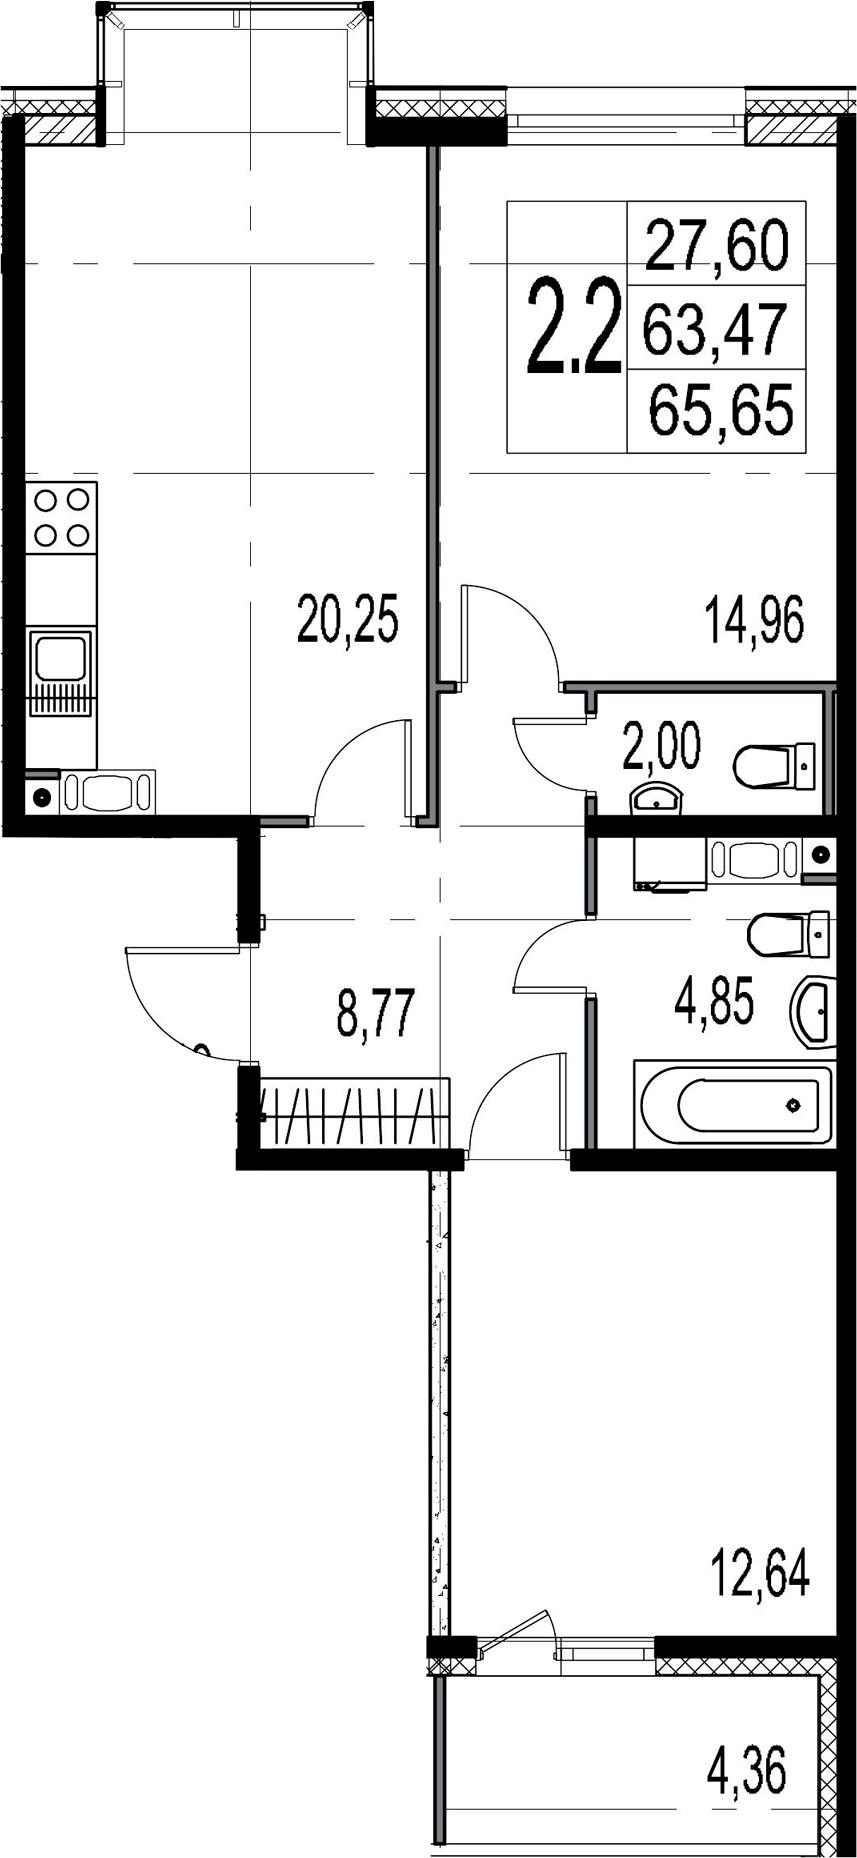 3Е-комнатная, 63.47 м²– 2